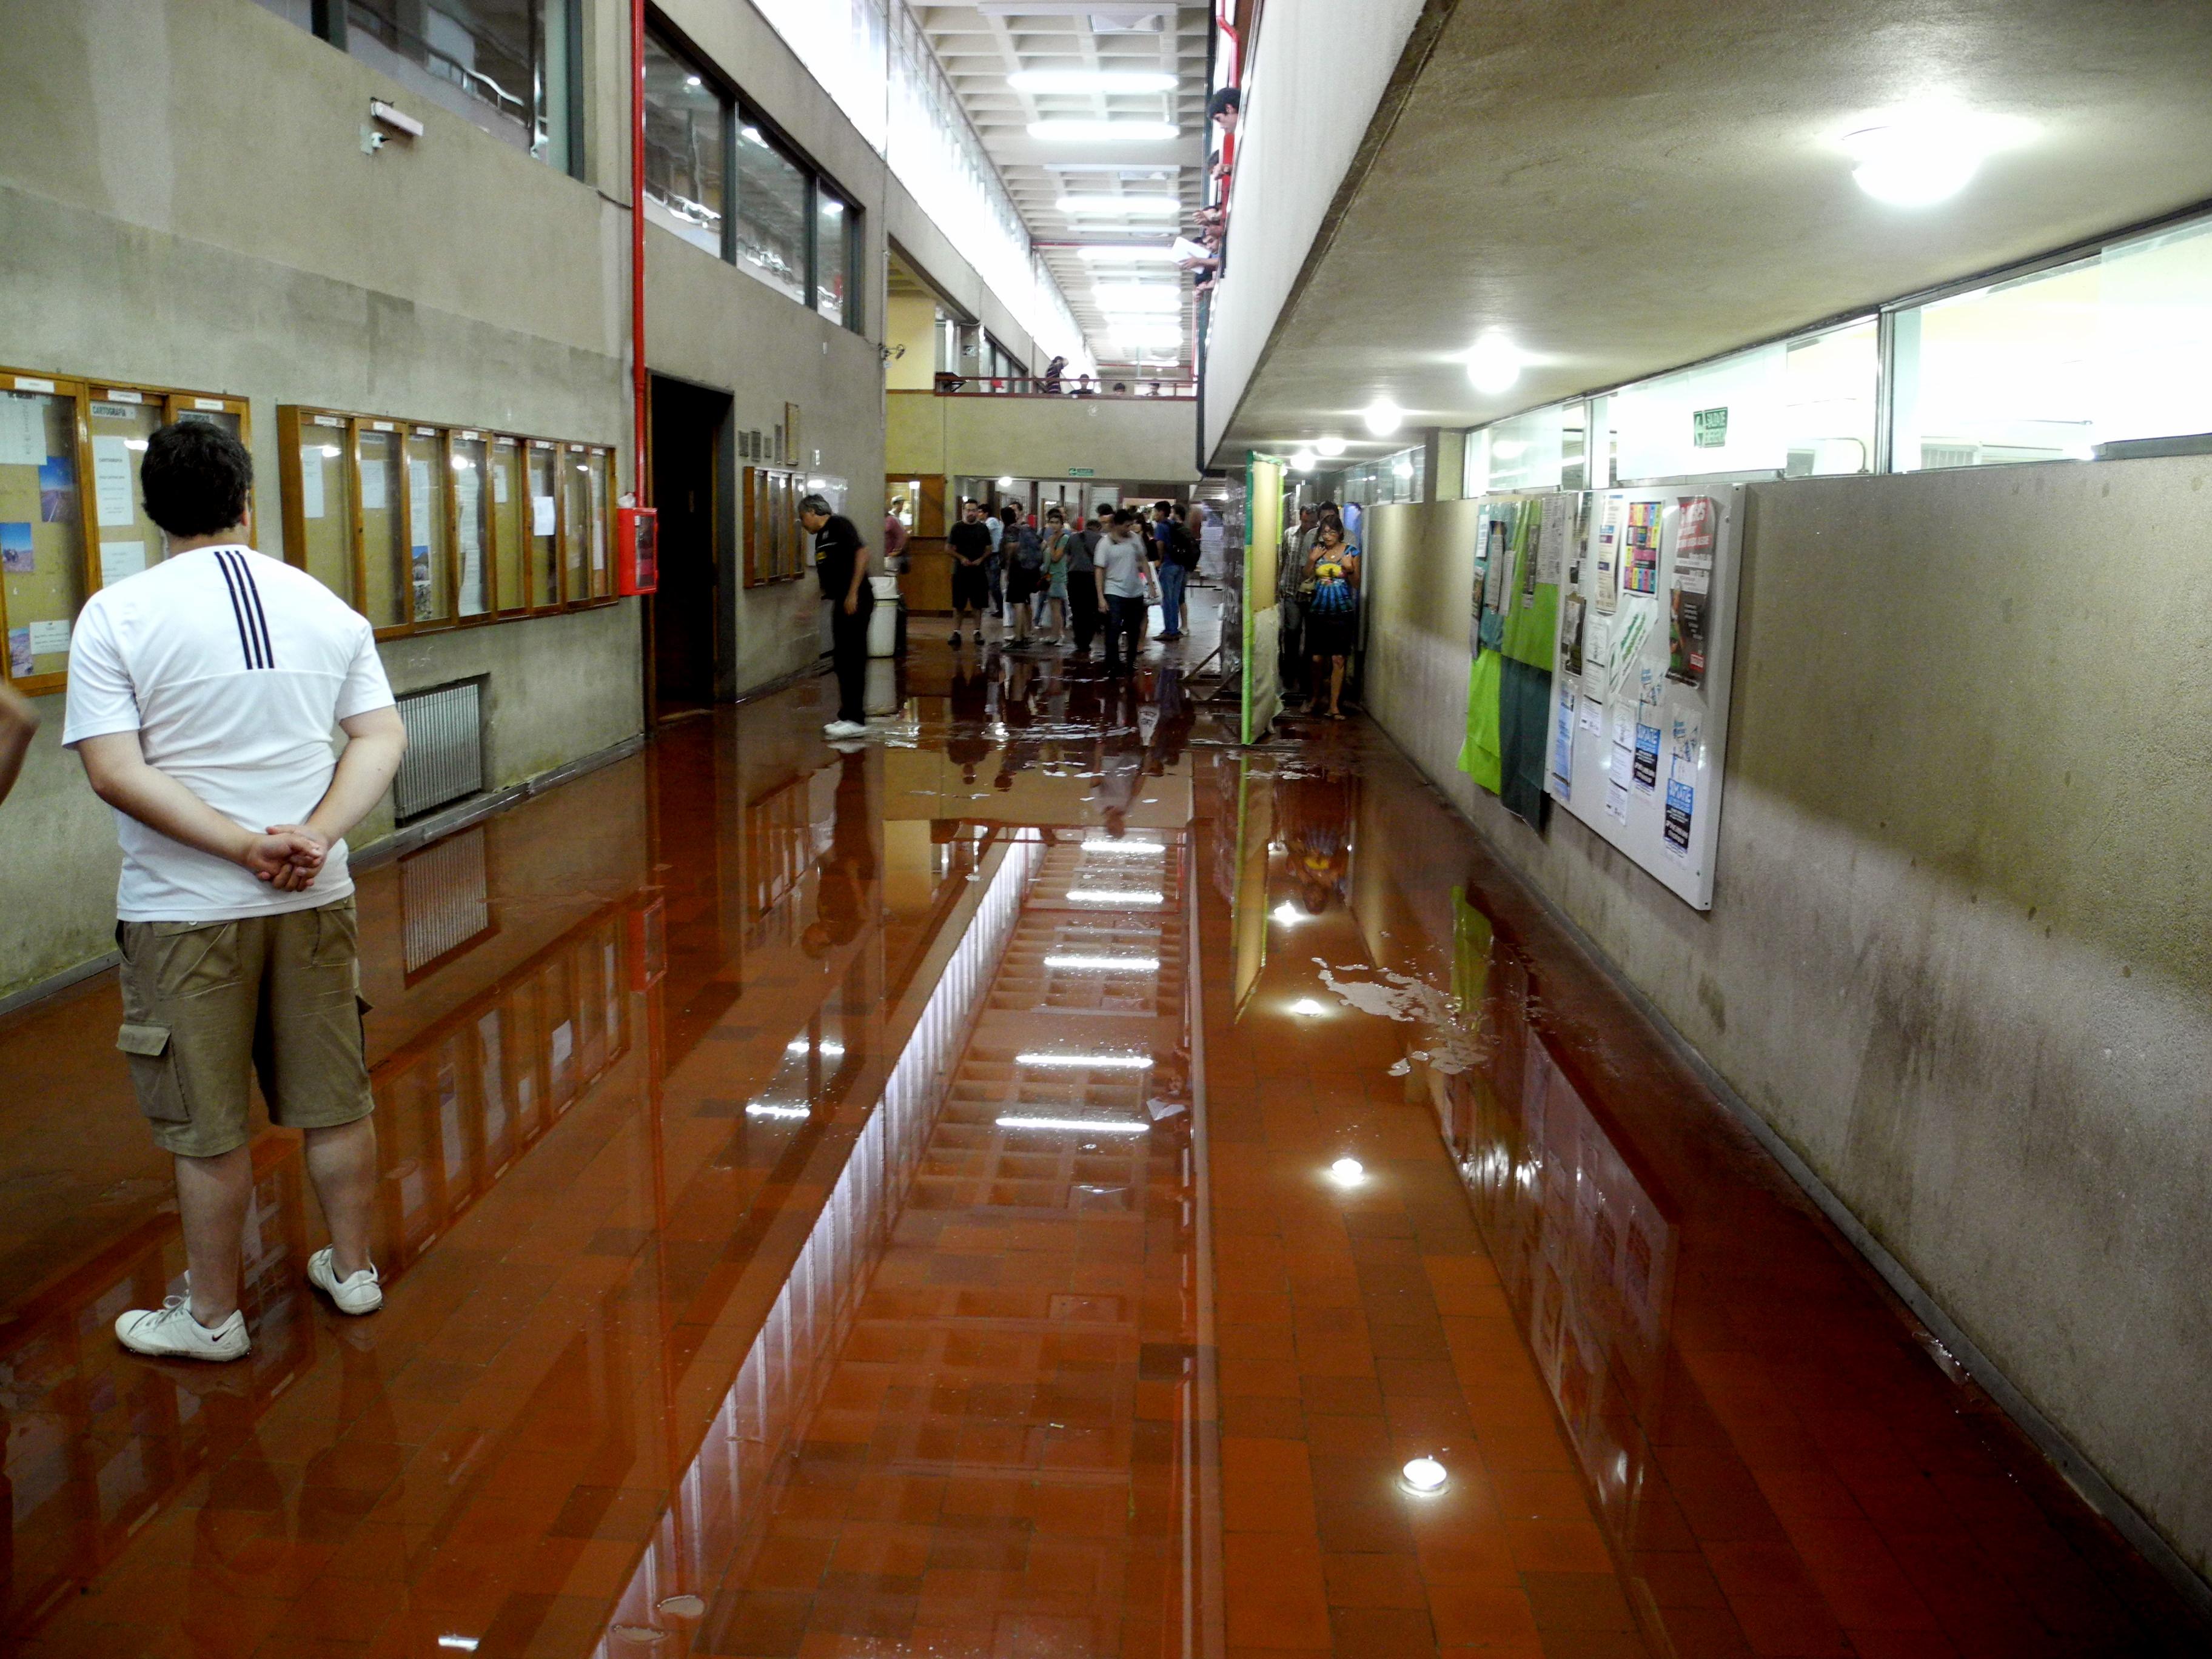 Inundación en el pasillo por la tormenta